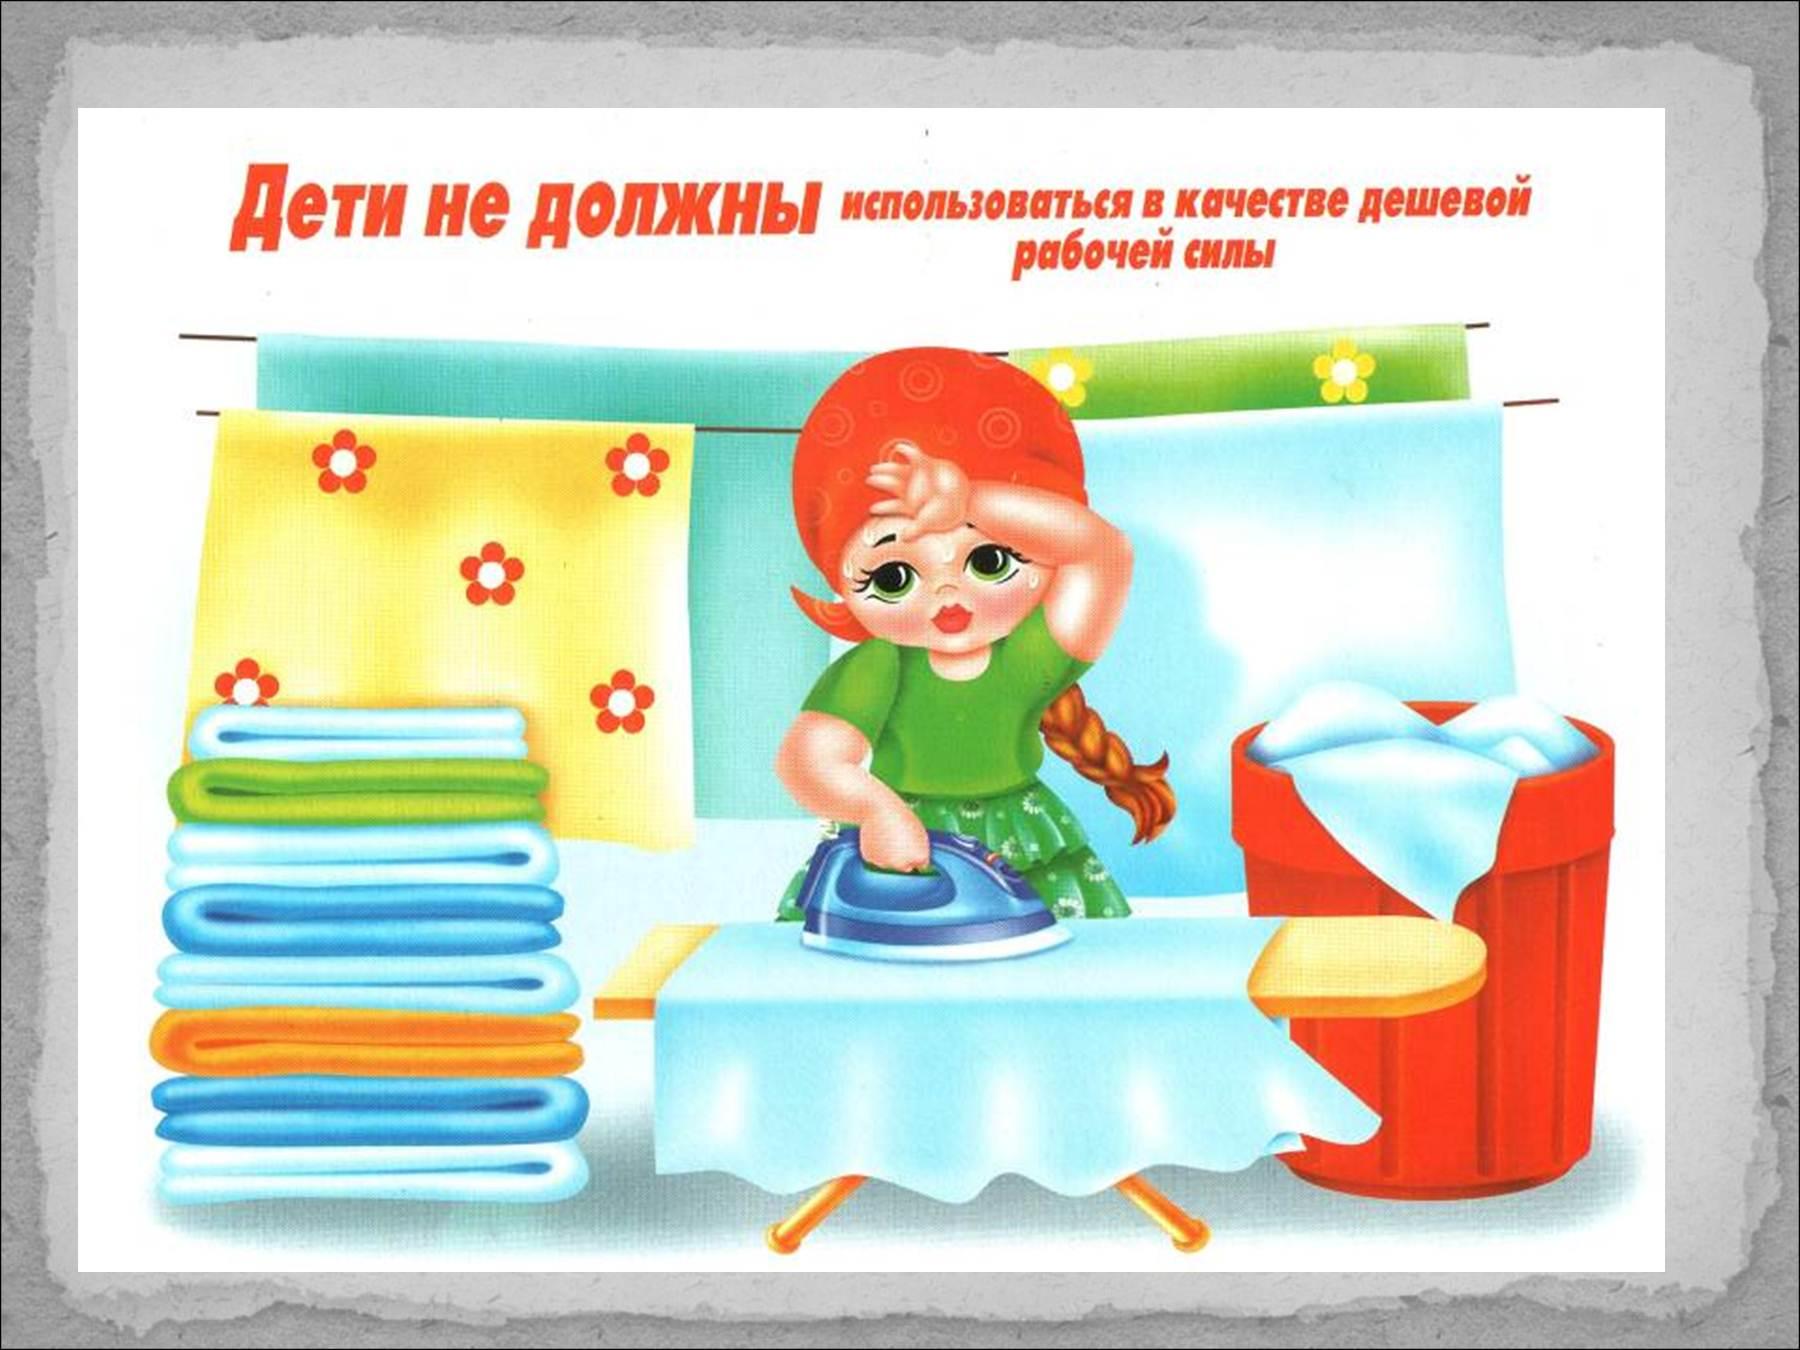 obyazannosti-kazhdogo-chlena-semi